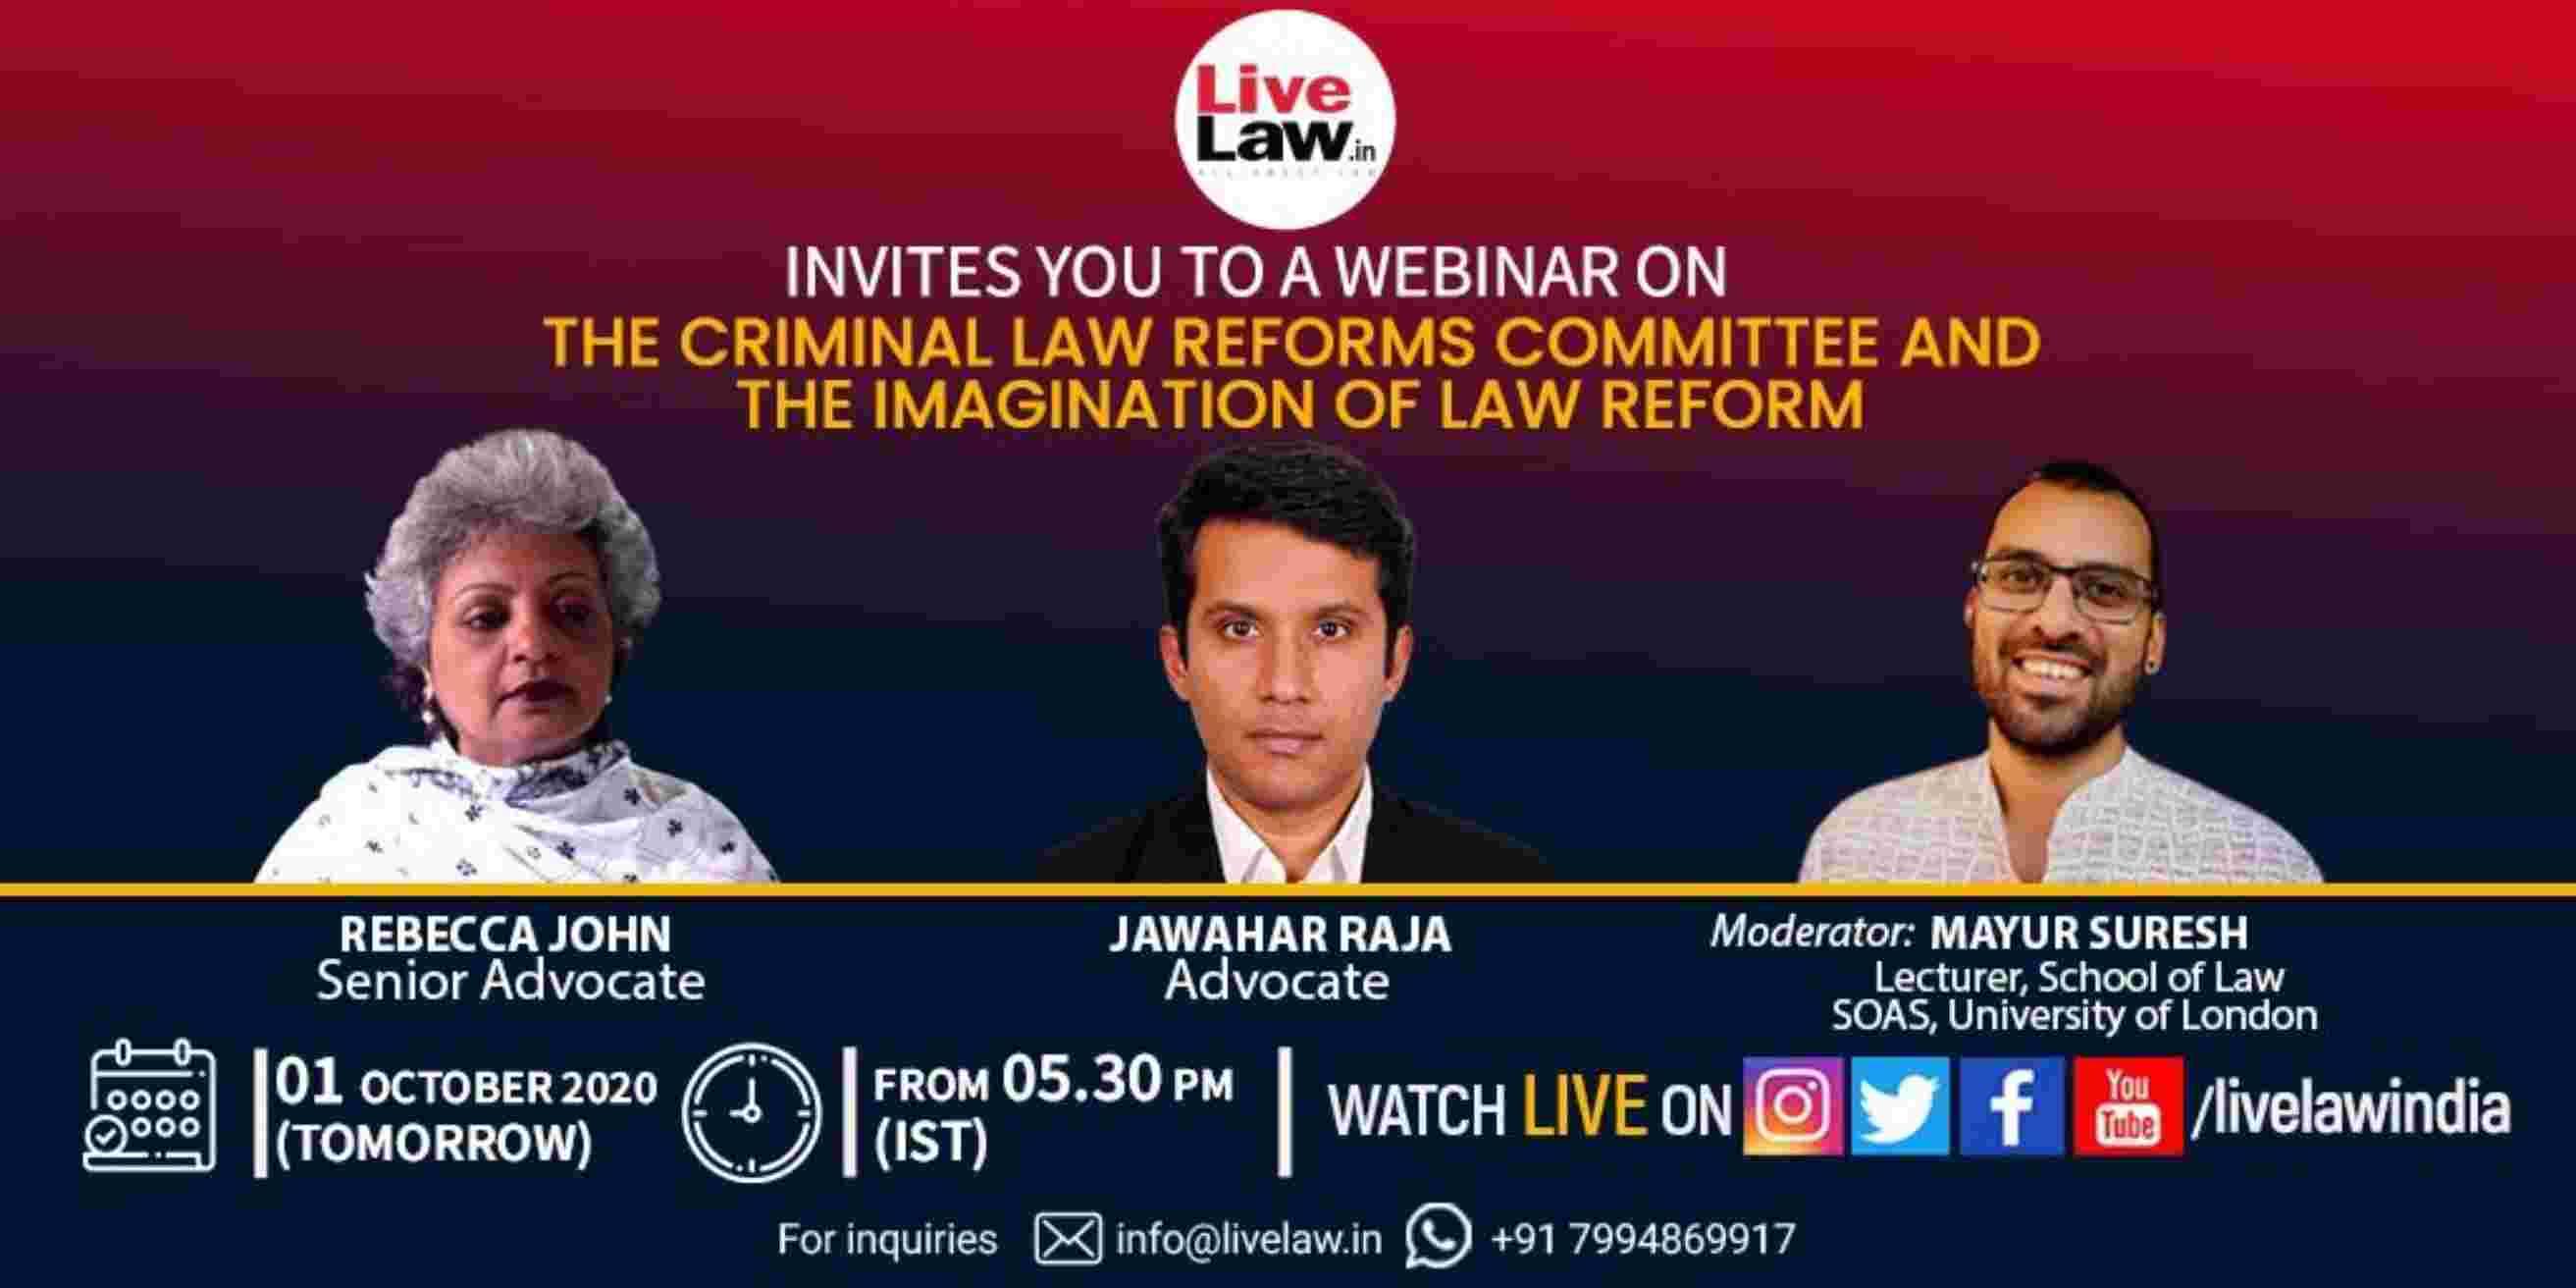 आपराधिक कानून सुधार समिति और कानून सुधार की कल्पना  विषय पर वेबिनार : आज शाम 5.30 बजे